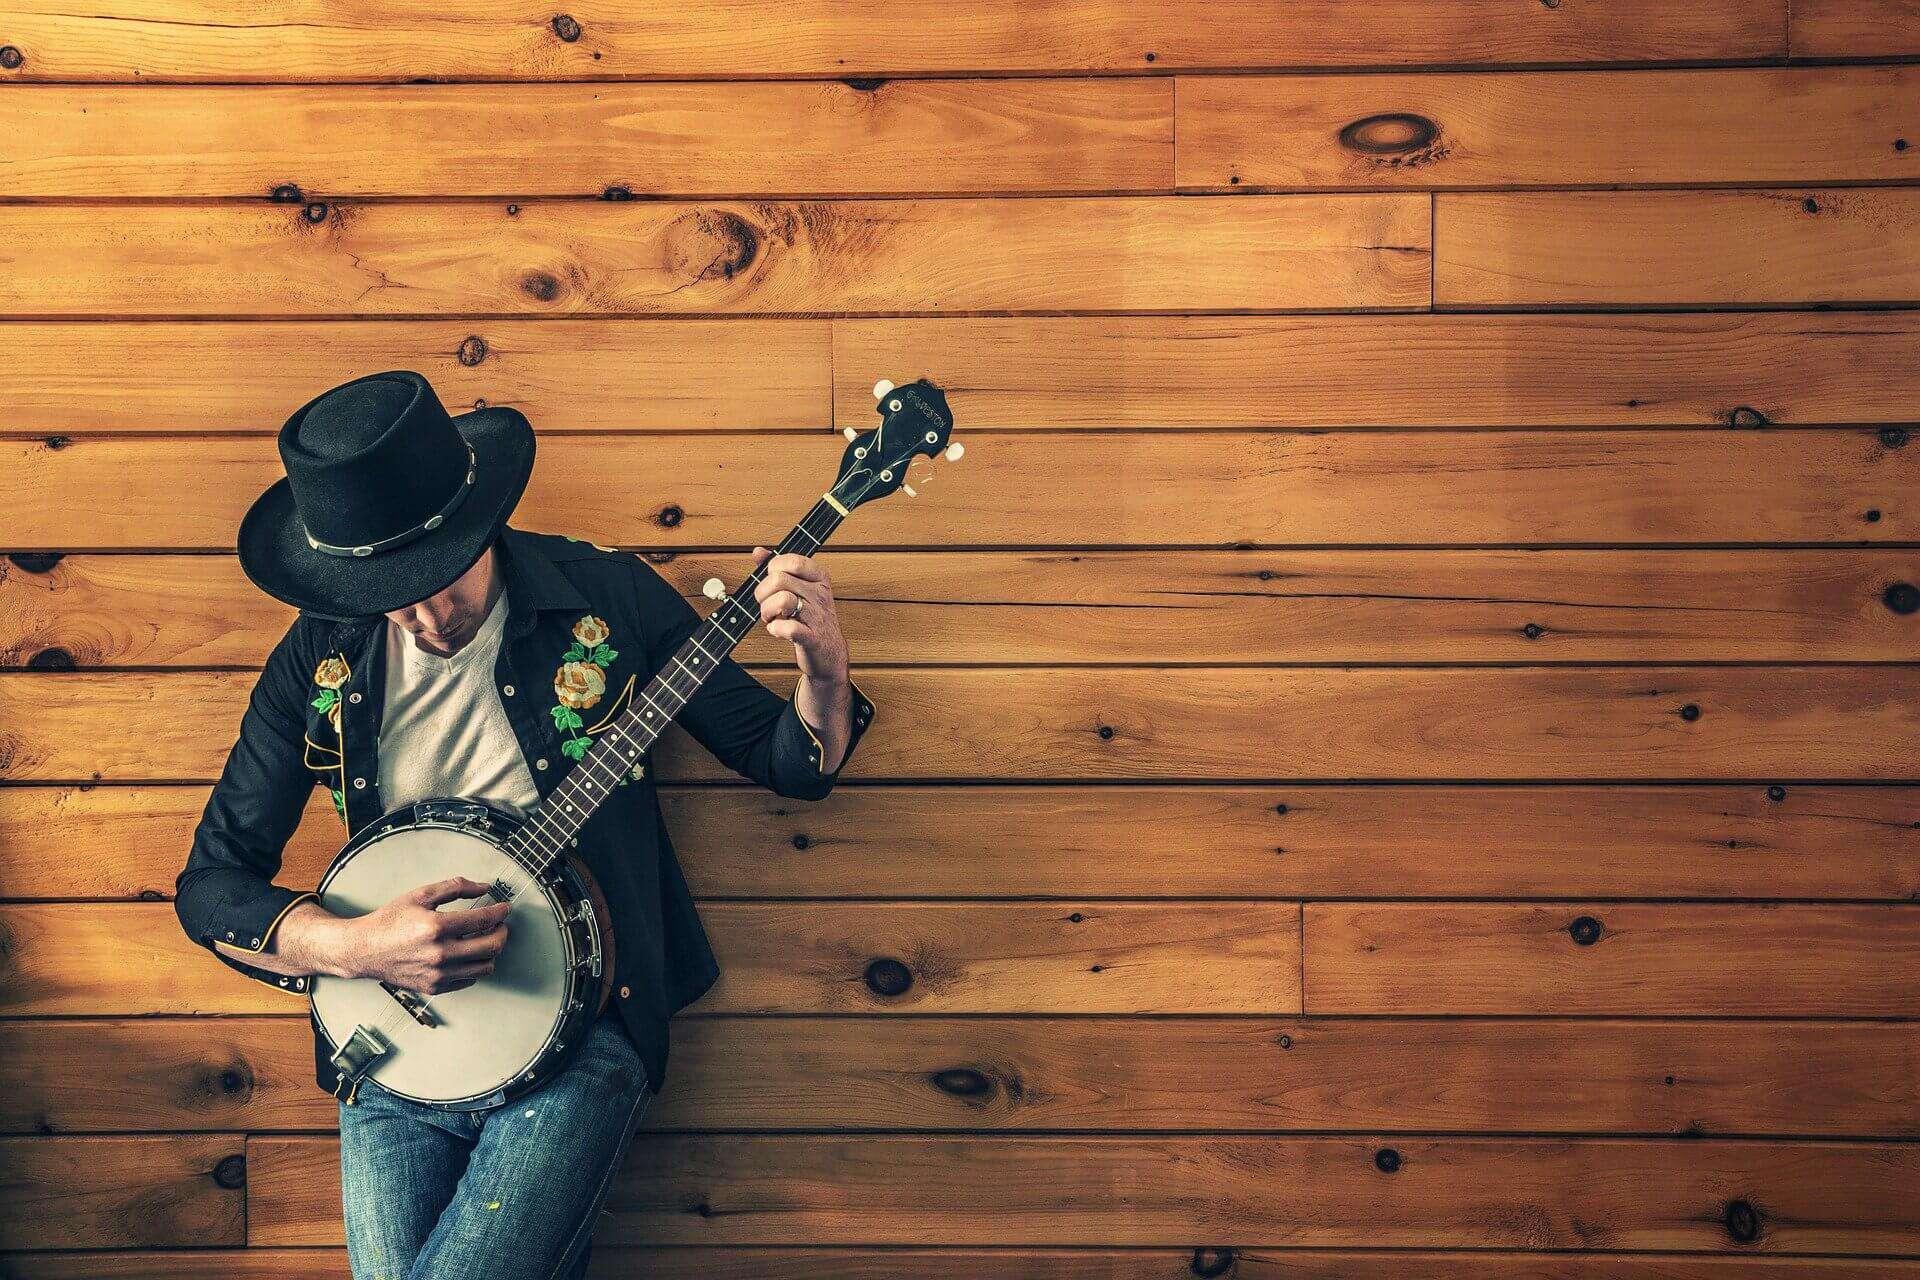 גיטרה נוחה למתחילים